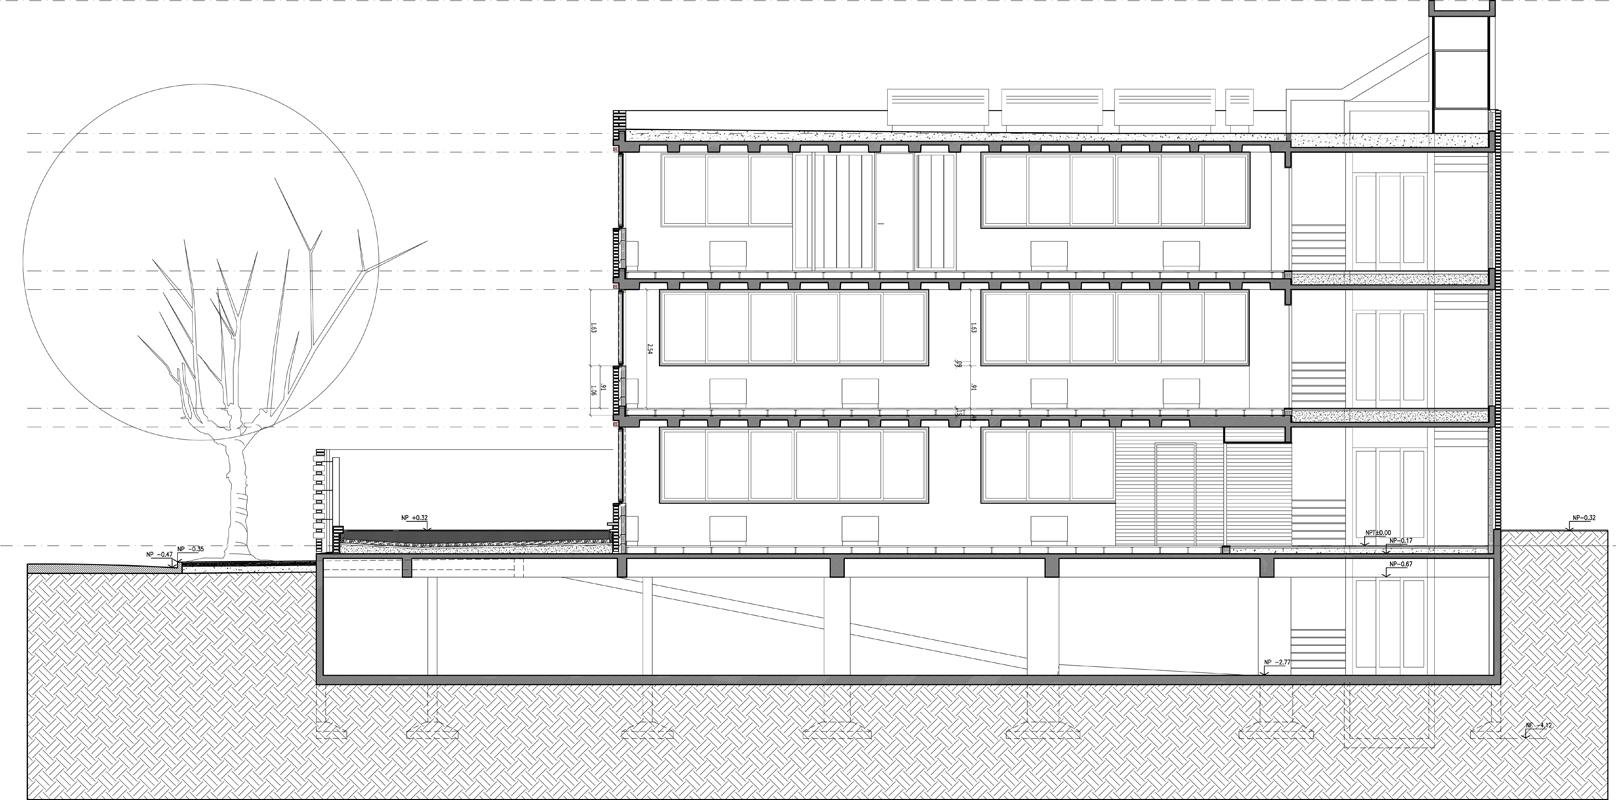 Edificio de oficinas para alquiler ccdh ignacio montaldo for Cortes arquitectonicos